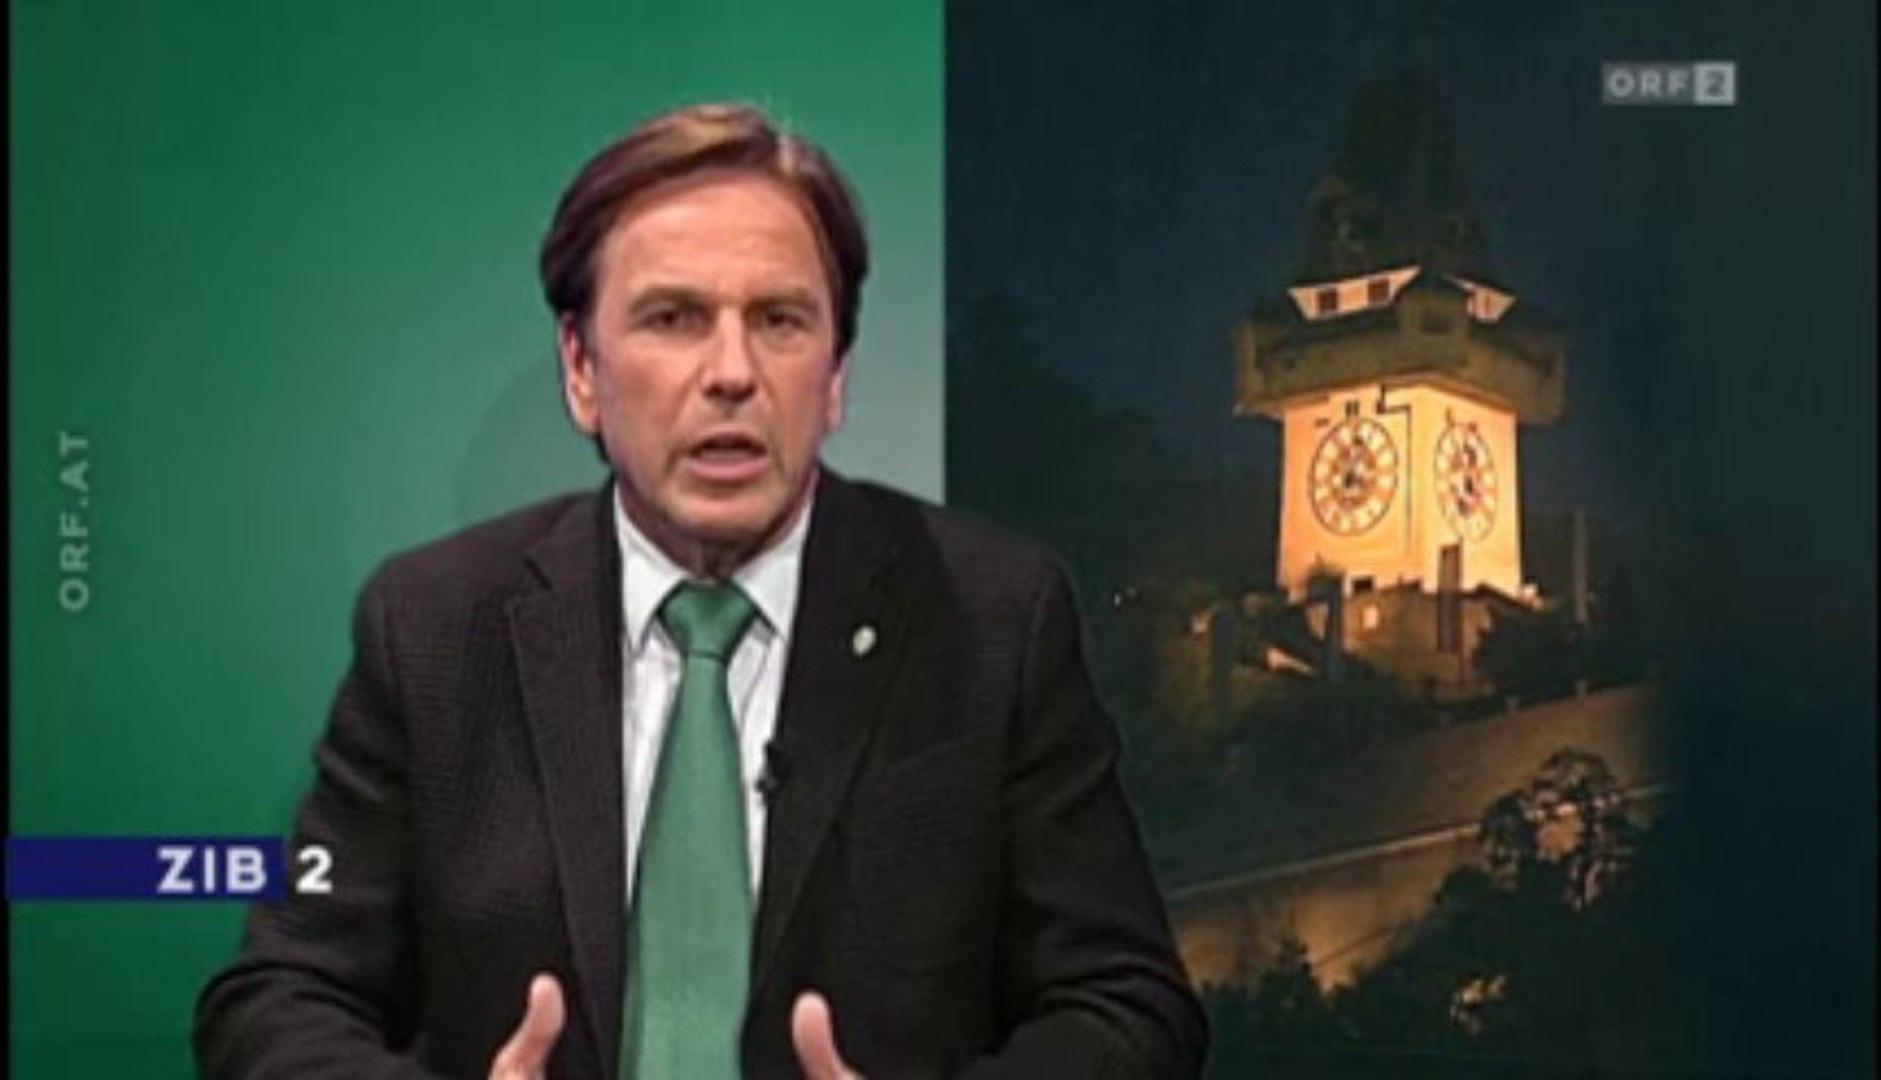 Frank Stronach - tausende Arbeitsplätze in der Steiermark gemacht - sagt Franz Voves SPÖ Landeshaupt